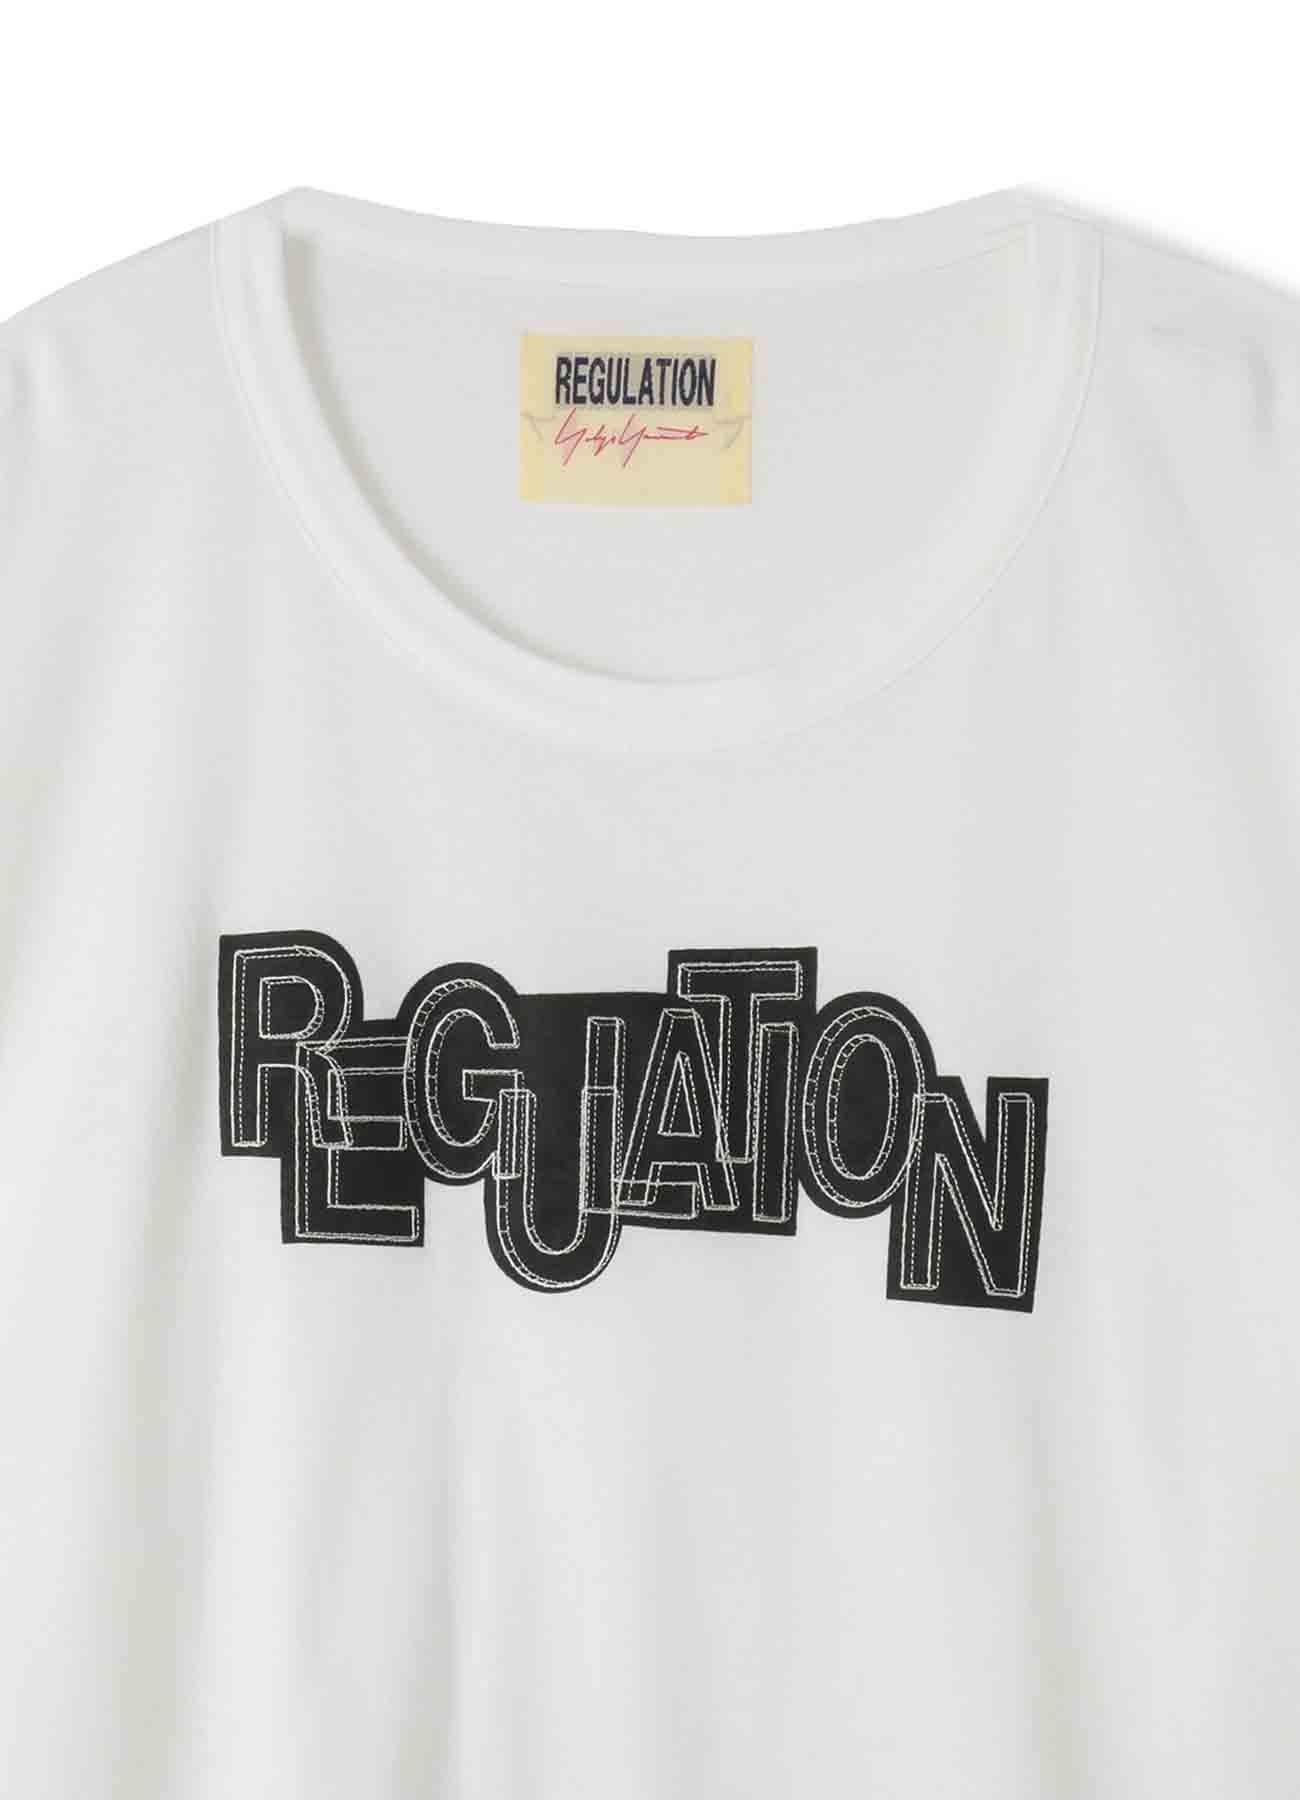 コットンレギュレーションプリント+刺繍T